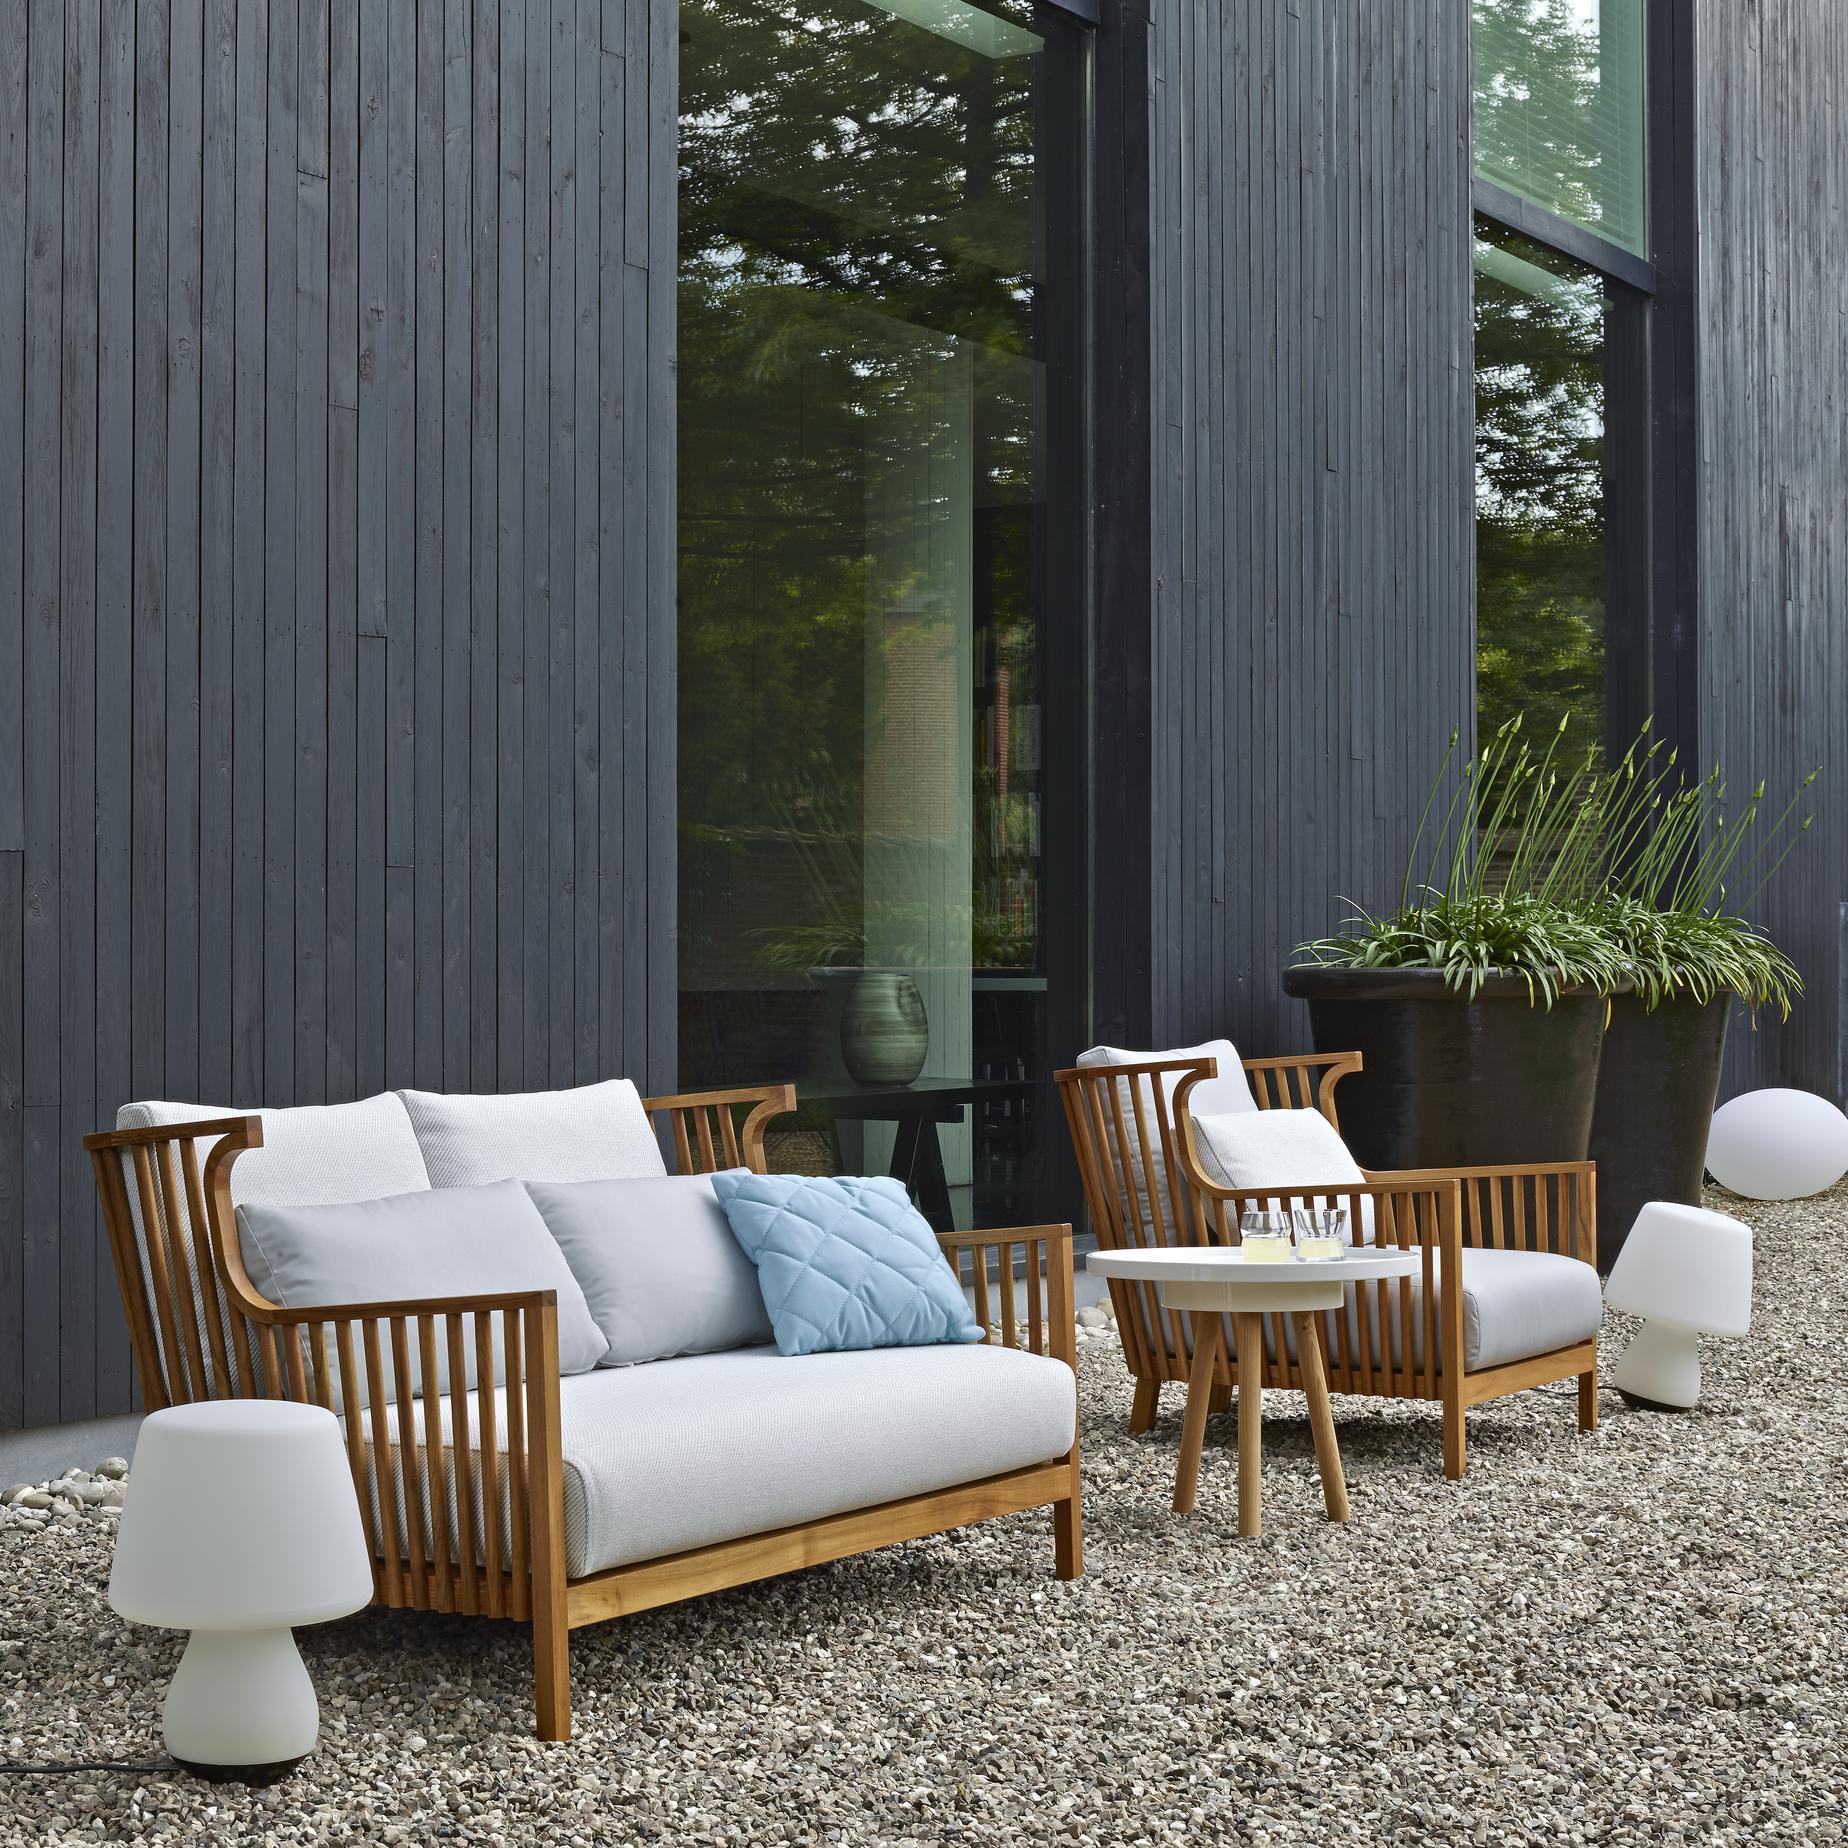 elizabeth teck sofas from designer nathan yong ligne. Black Bedroom Furniture Sets. Home Design Ideas